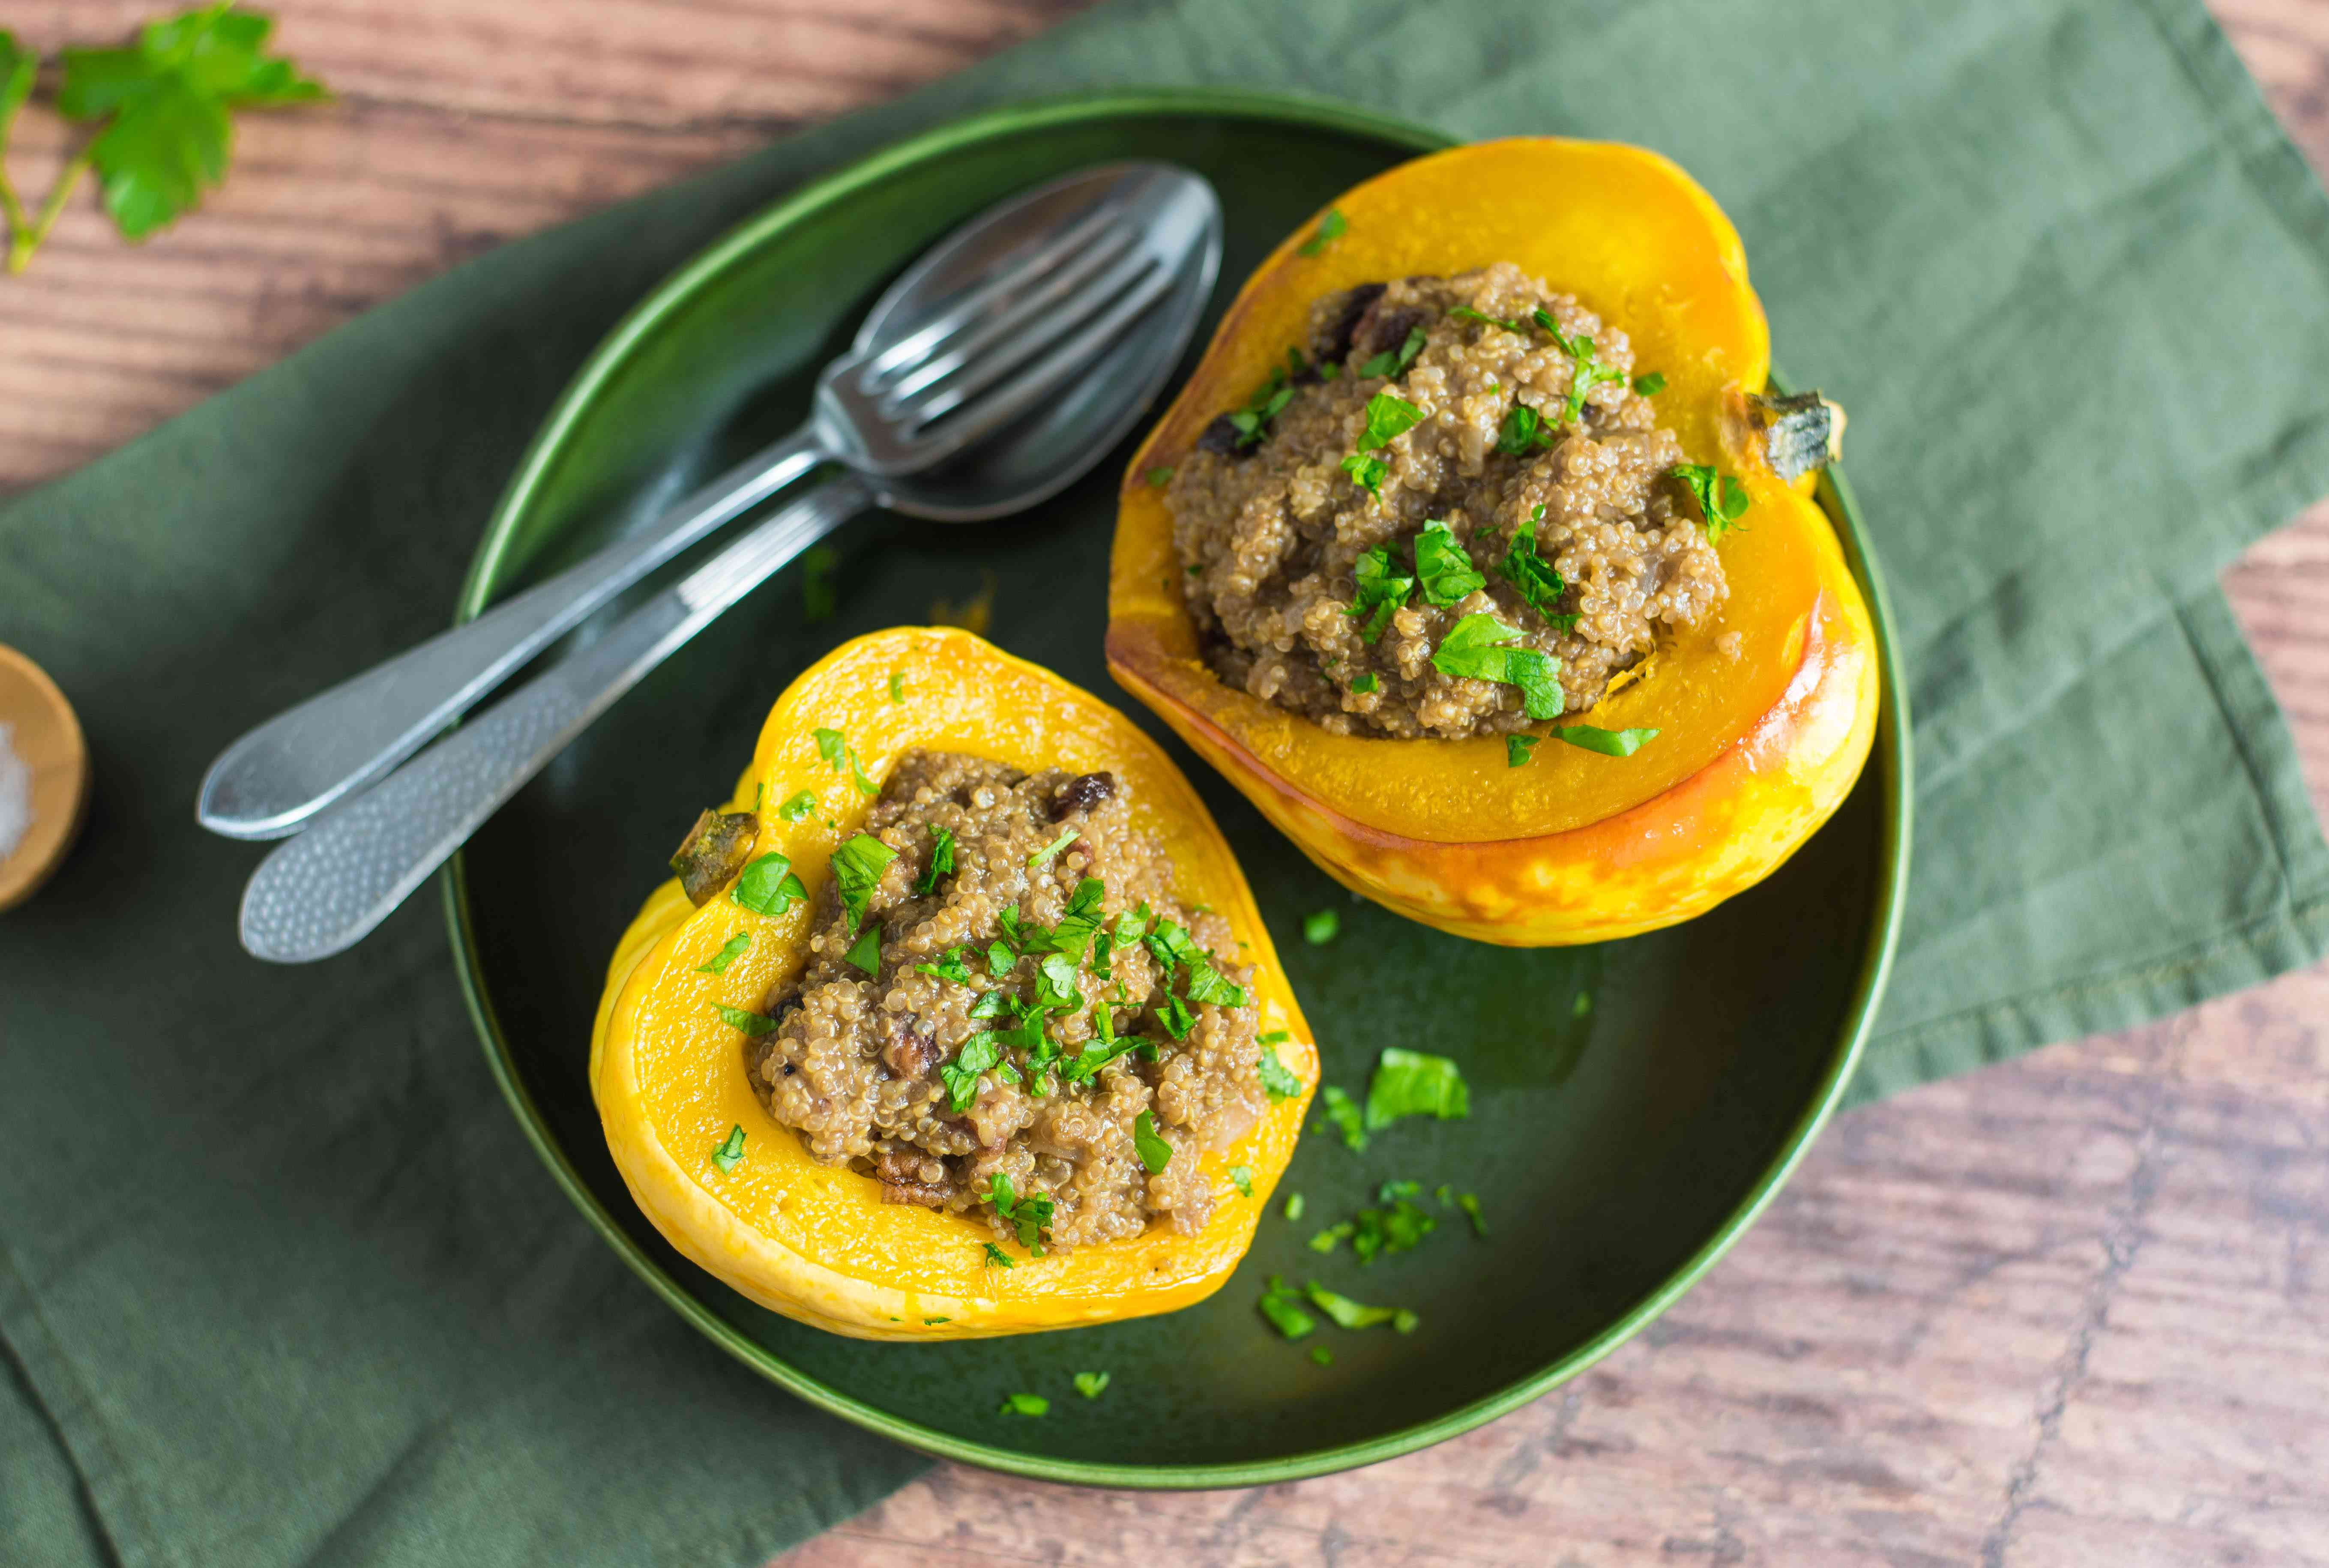 Vegan quinoa stuffed acorn squash